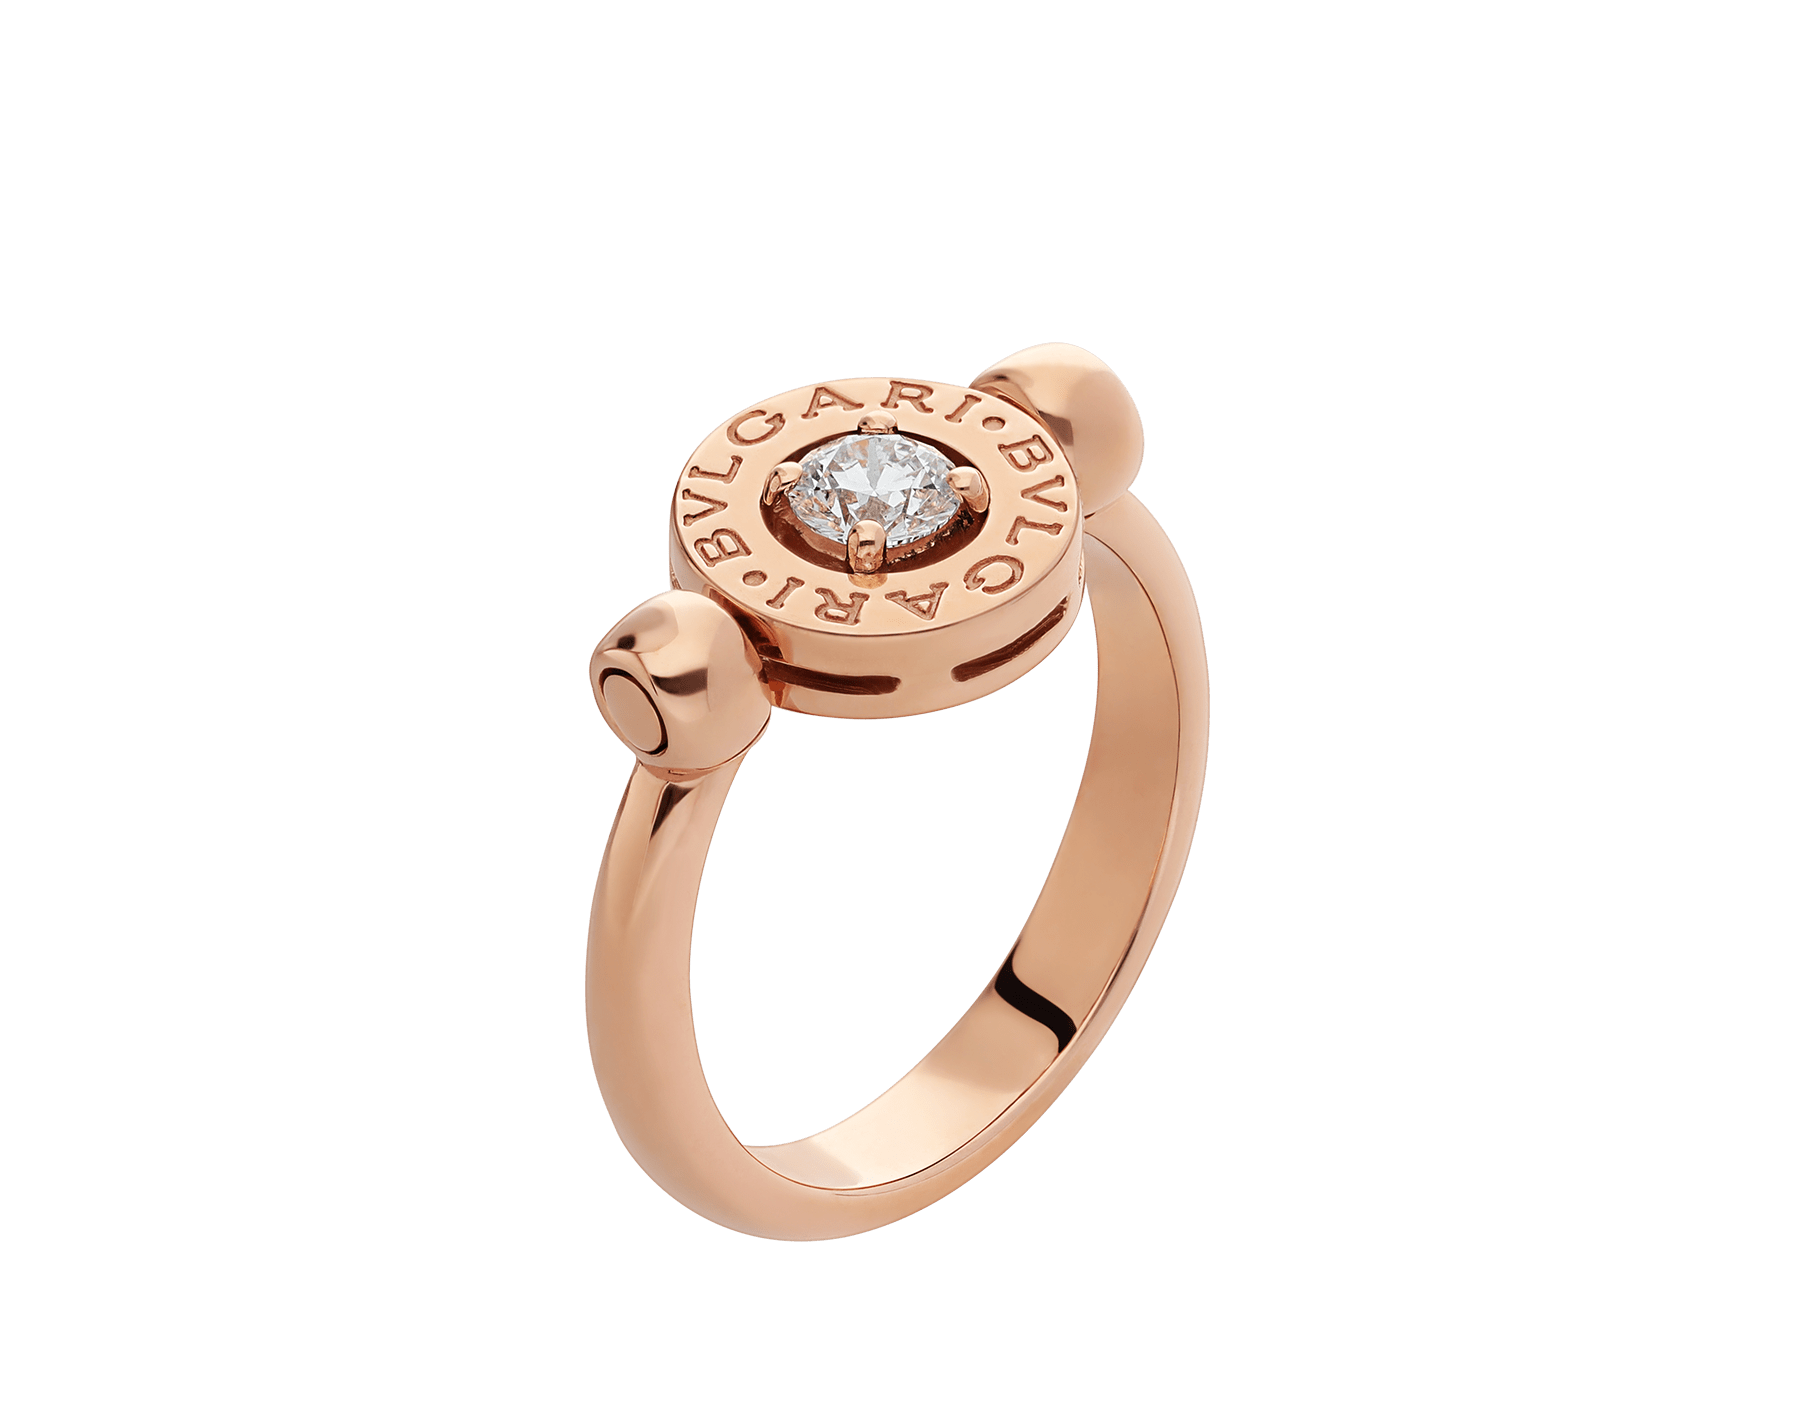 Anillo BVLGARI BVLGARI reversible en oro rosa de 18 qt con un diamante. AN853336 image 1